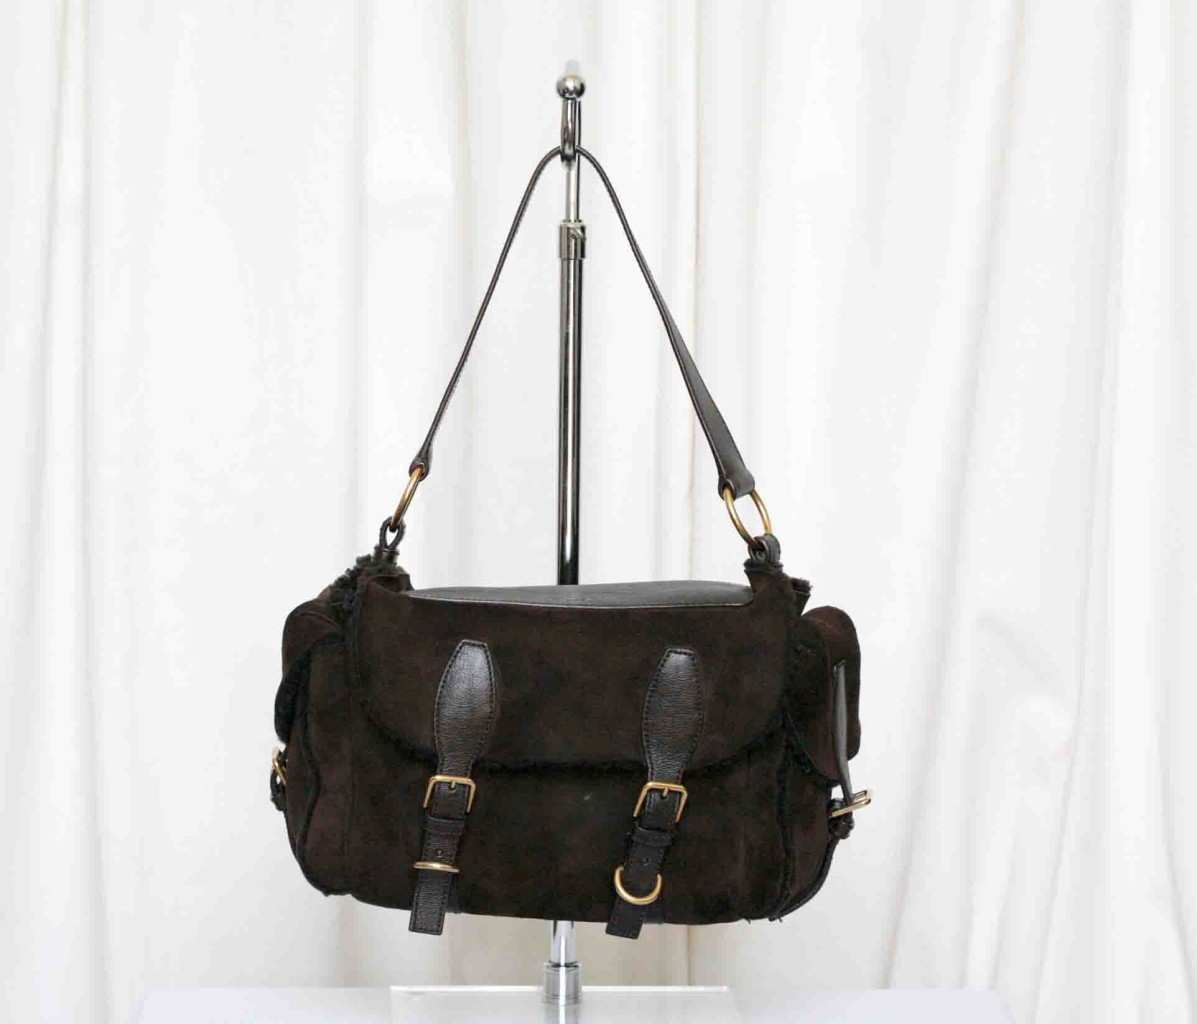 Yves Saint Laurent Shearling Sac Aspen Handbag Bag on PopScreen